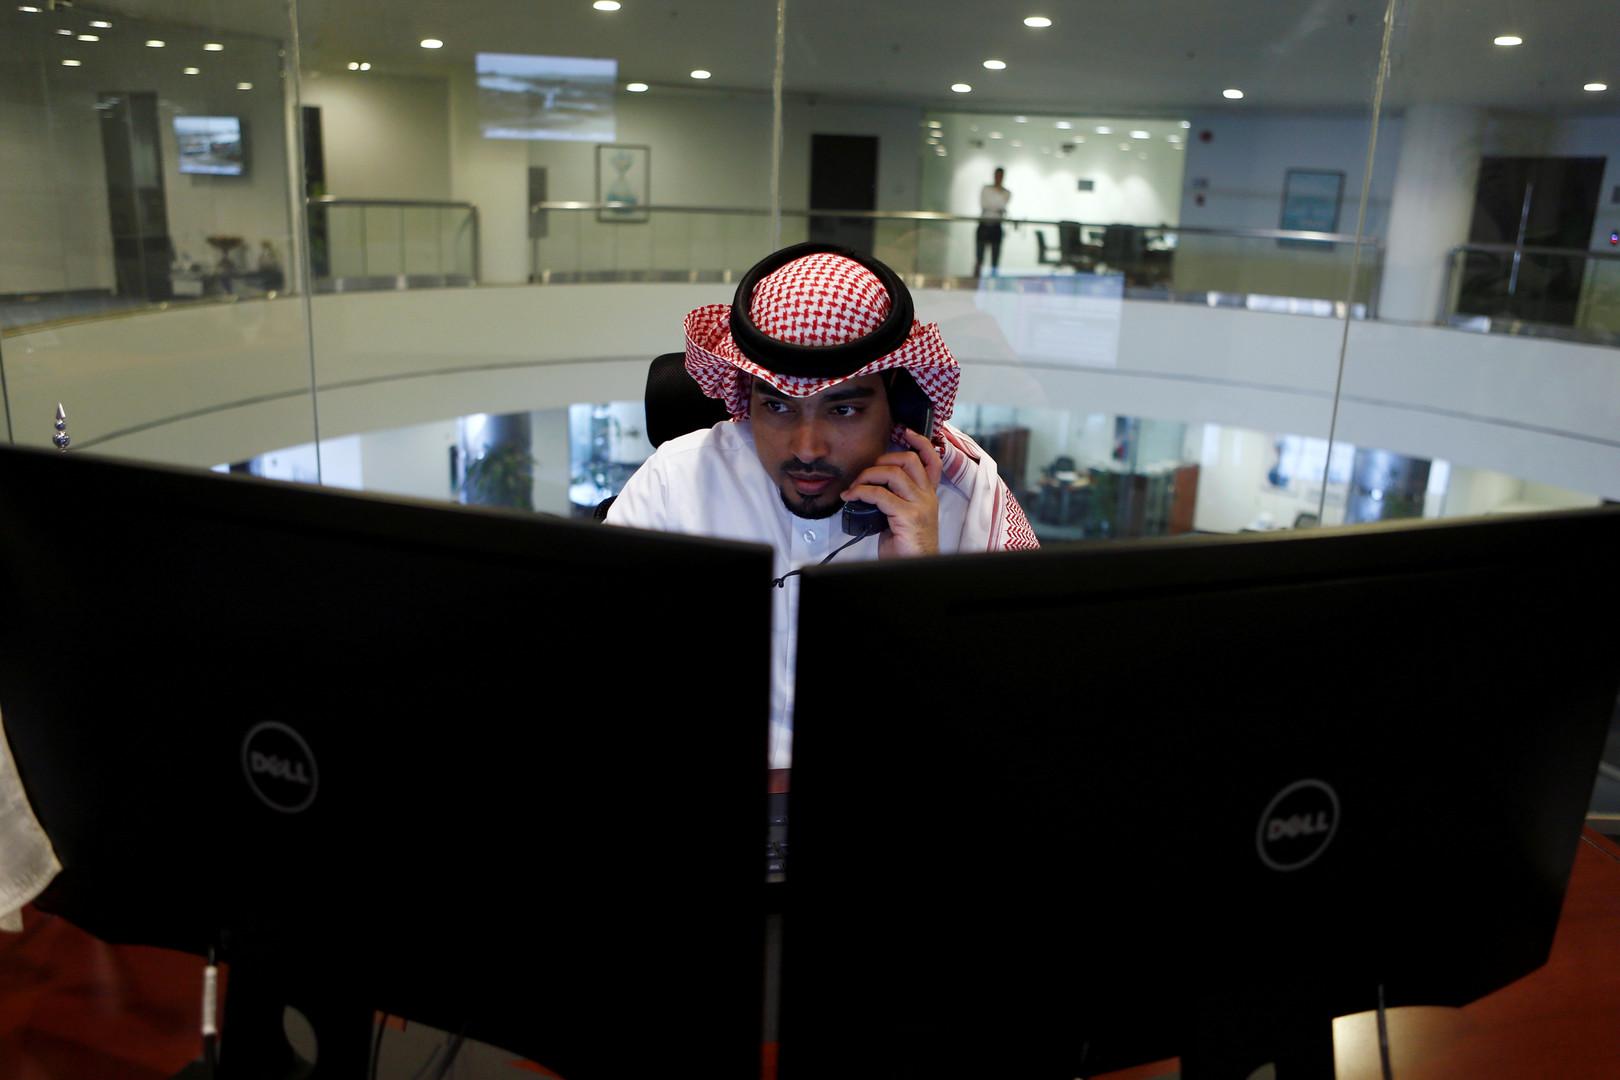 هبوط بورصات خليجية بعد تصاعد التوترات في الخليج